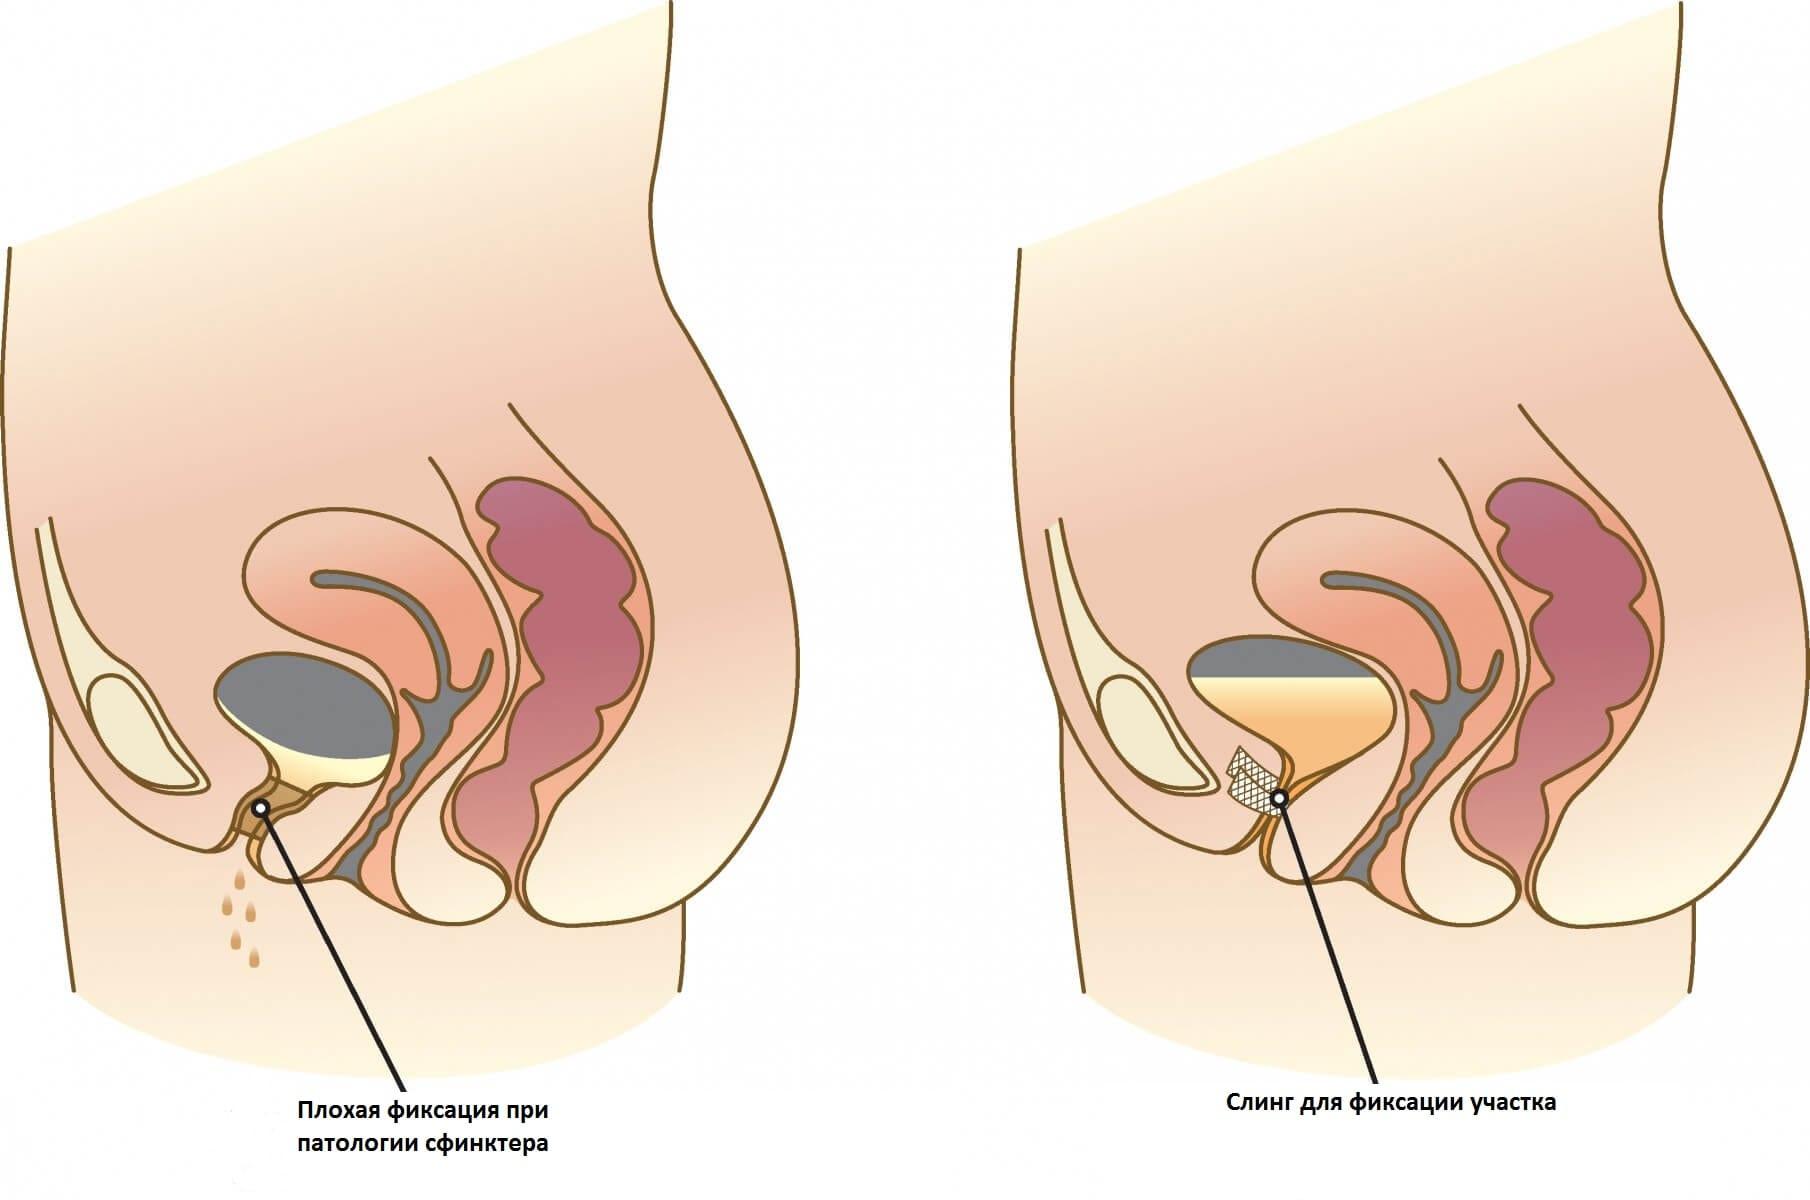 Симптомы и лечение давления при климаксе у женщин (гипертонии)